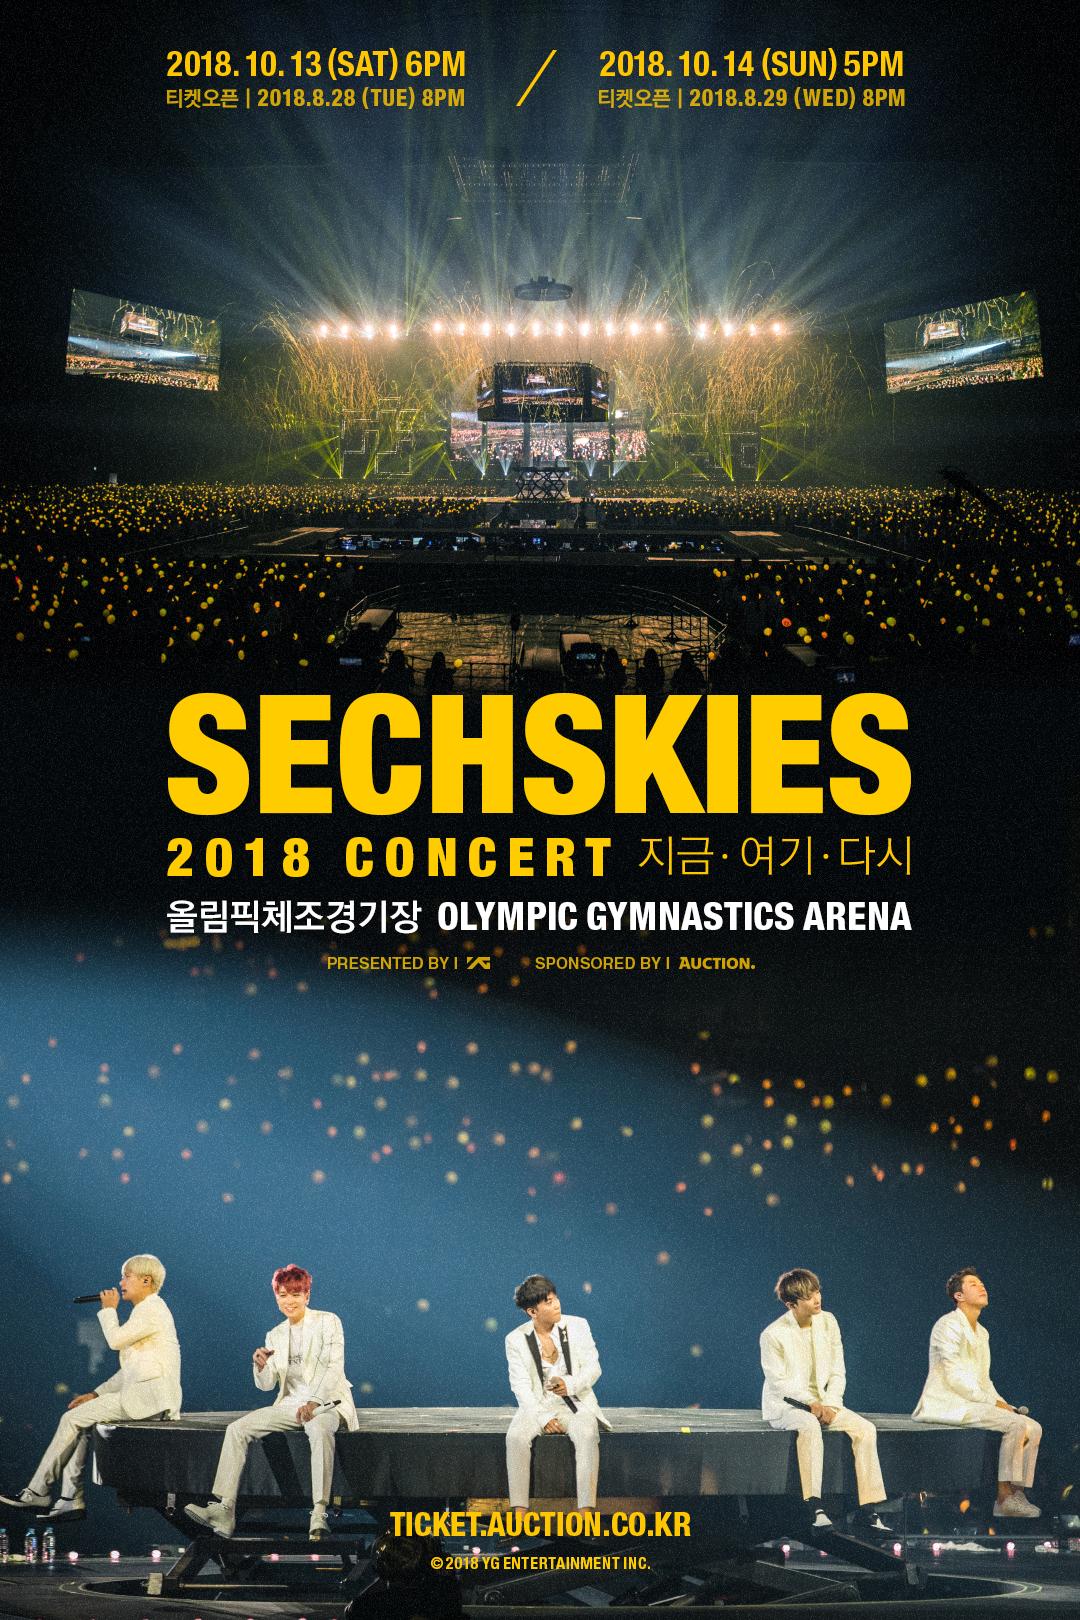 젝스키스 콘서트 포스터 (웹)